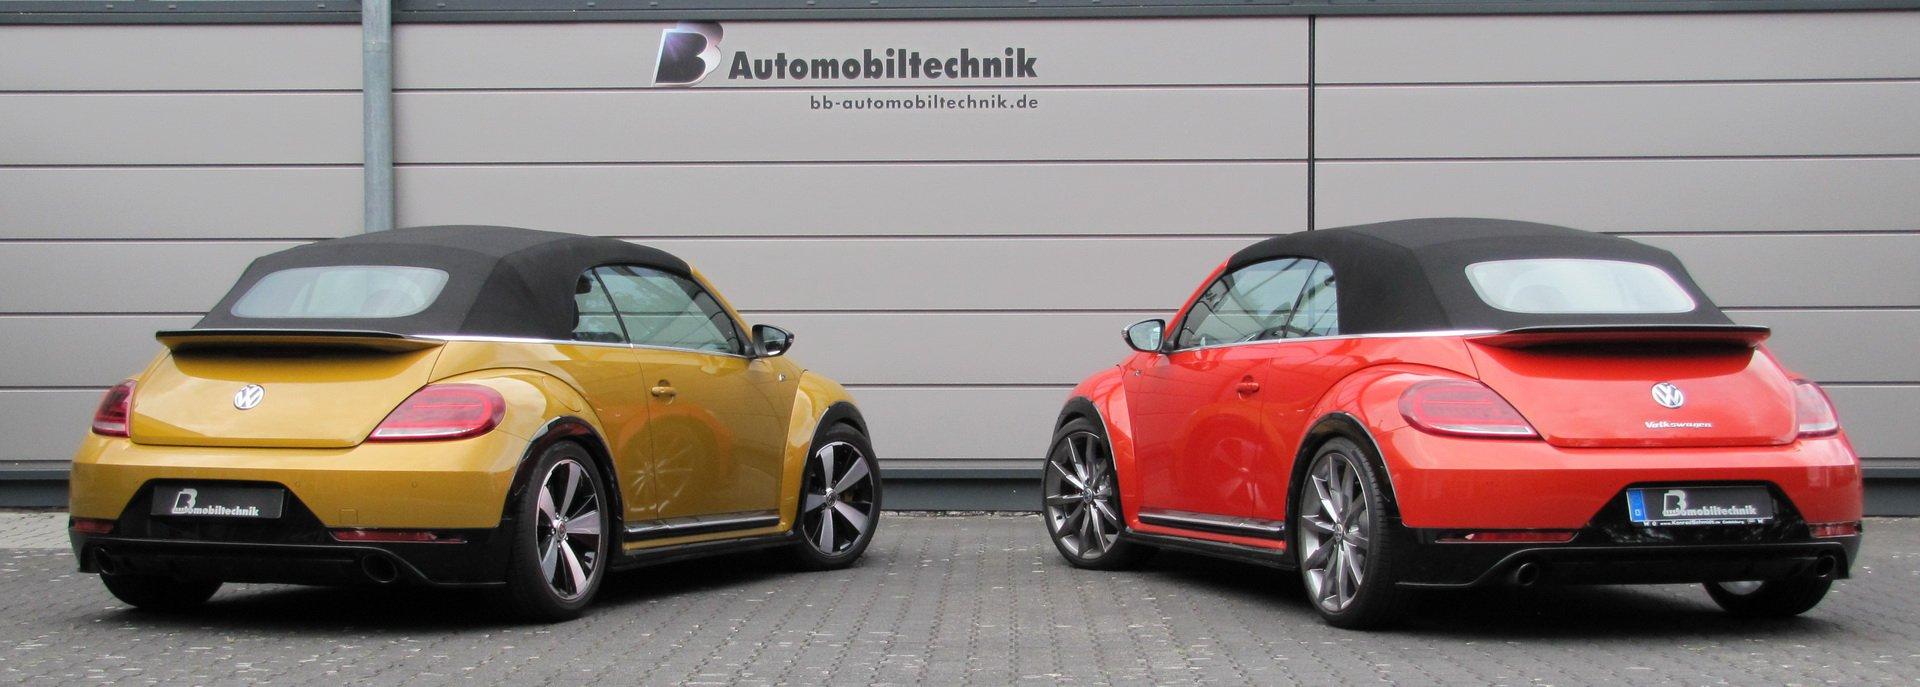 Volkswagen-Beetle-Convertibl-by-BB-AutomobilTechnik-2